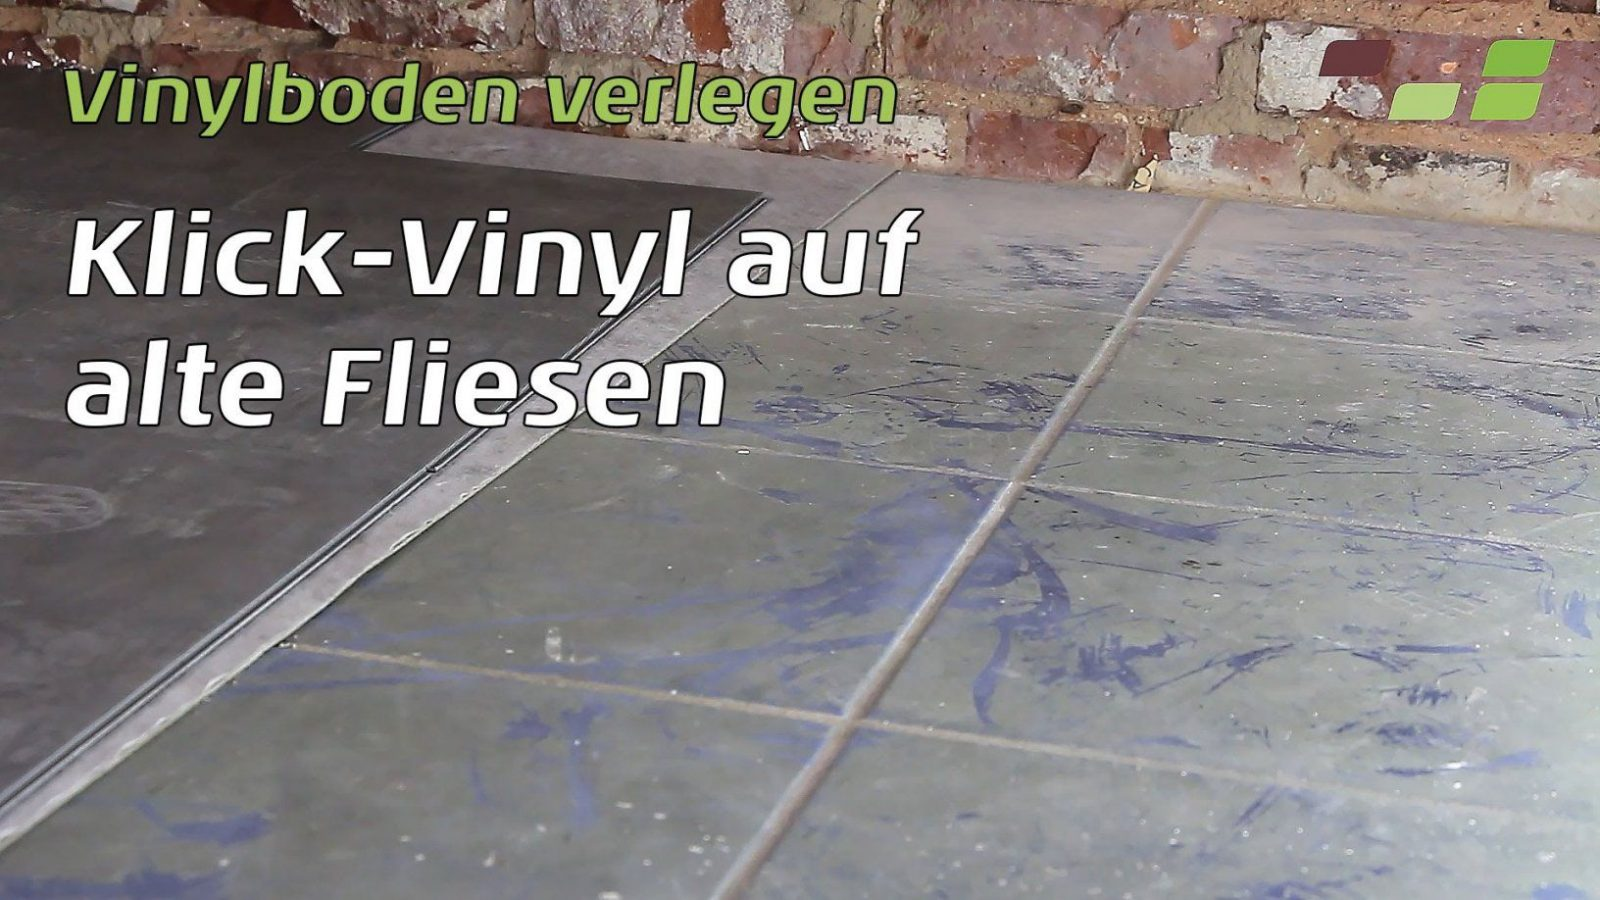 Vinylboden Auf Fliesen Verlegen Planeo Klickvinyl  Youtube von Vinylboden Auf Fliesen Legen Bild